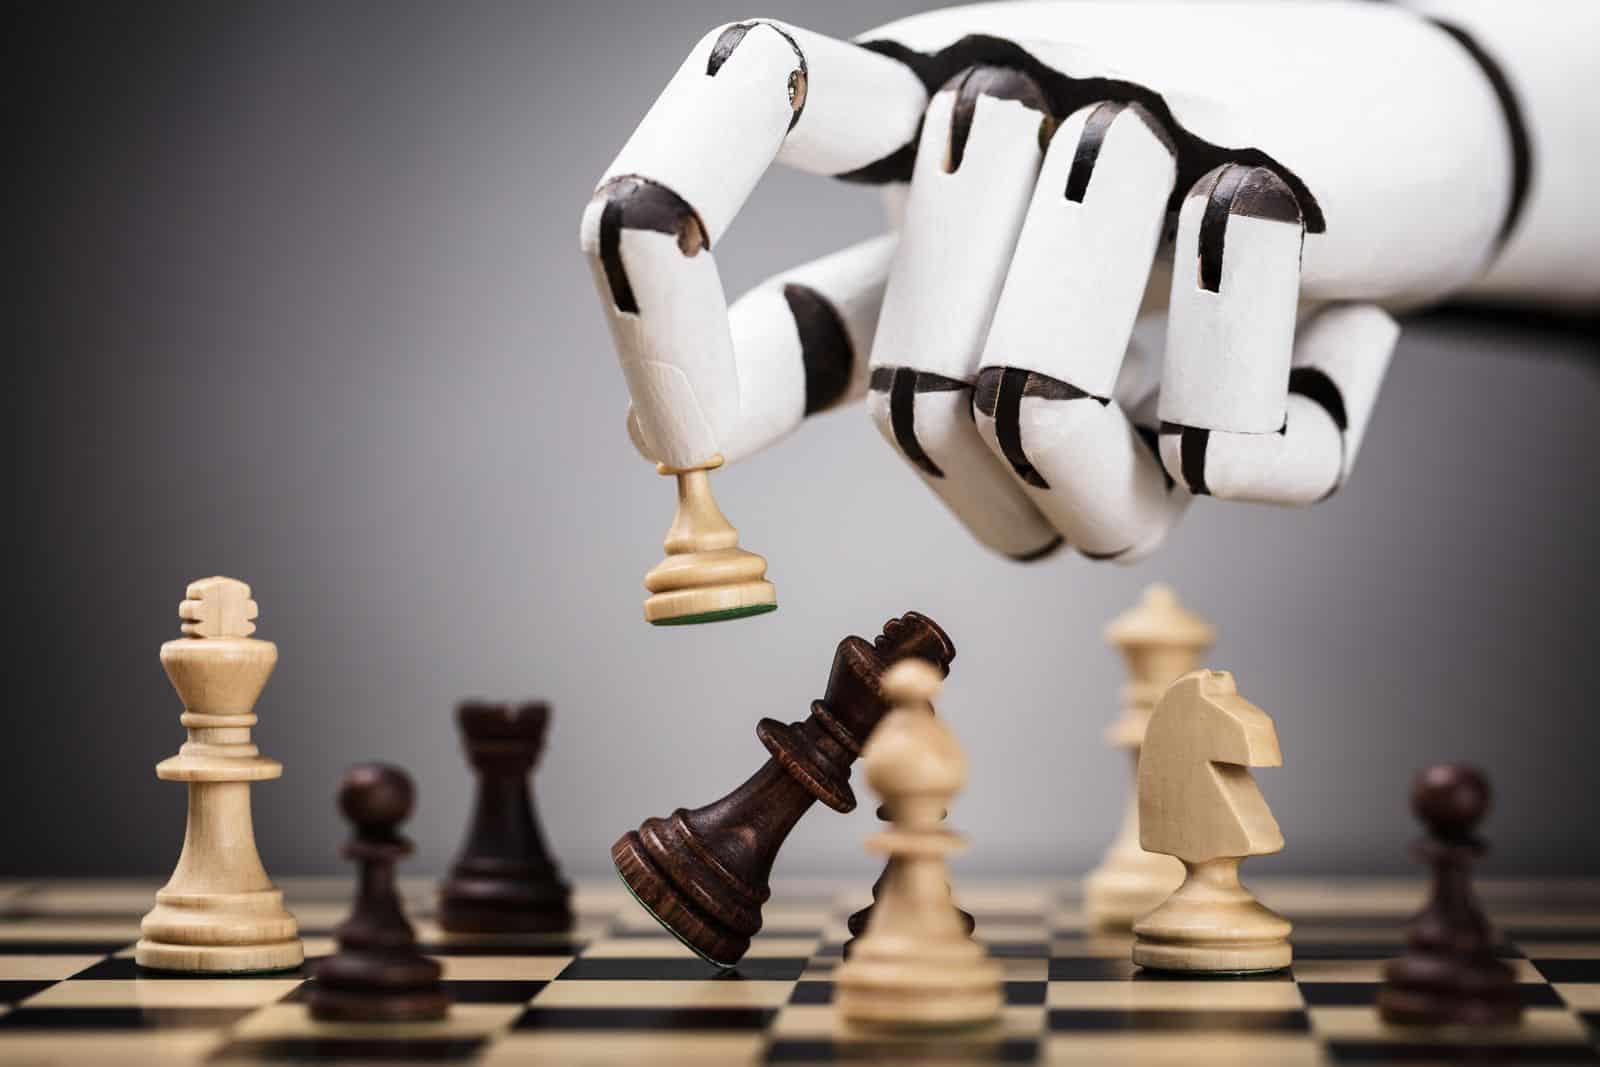 robot hand chess